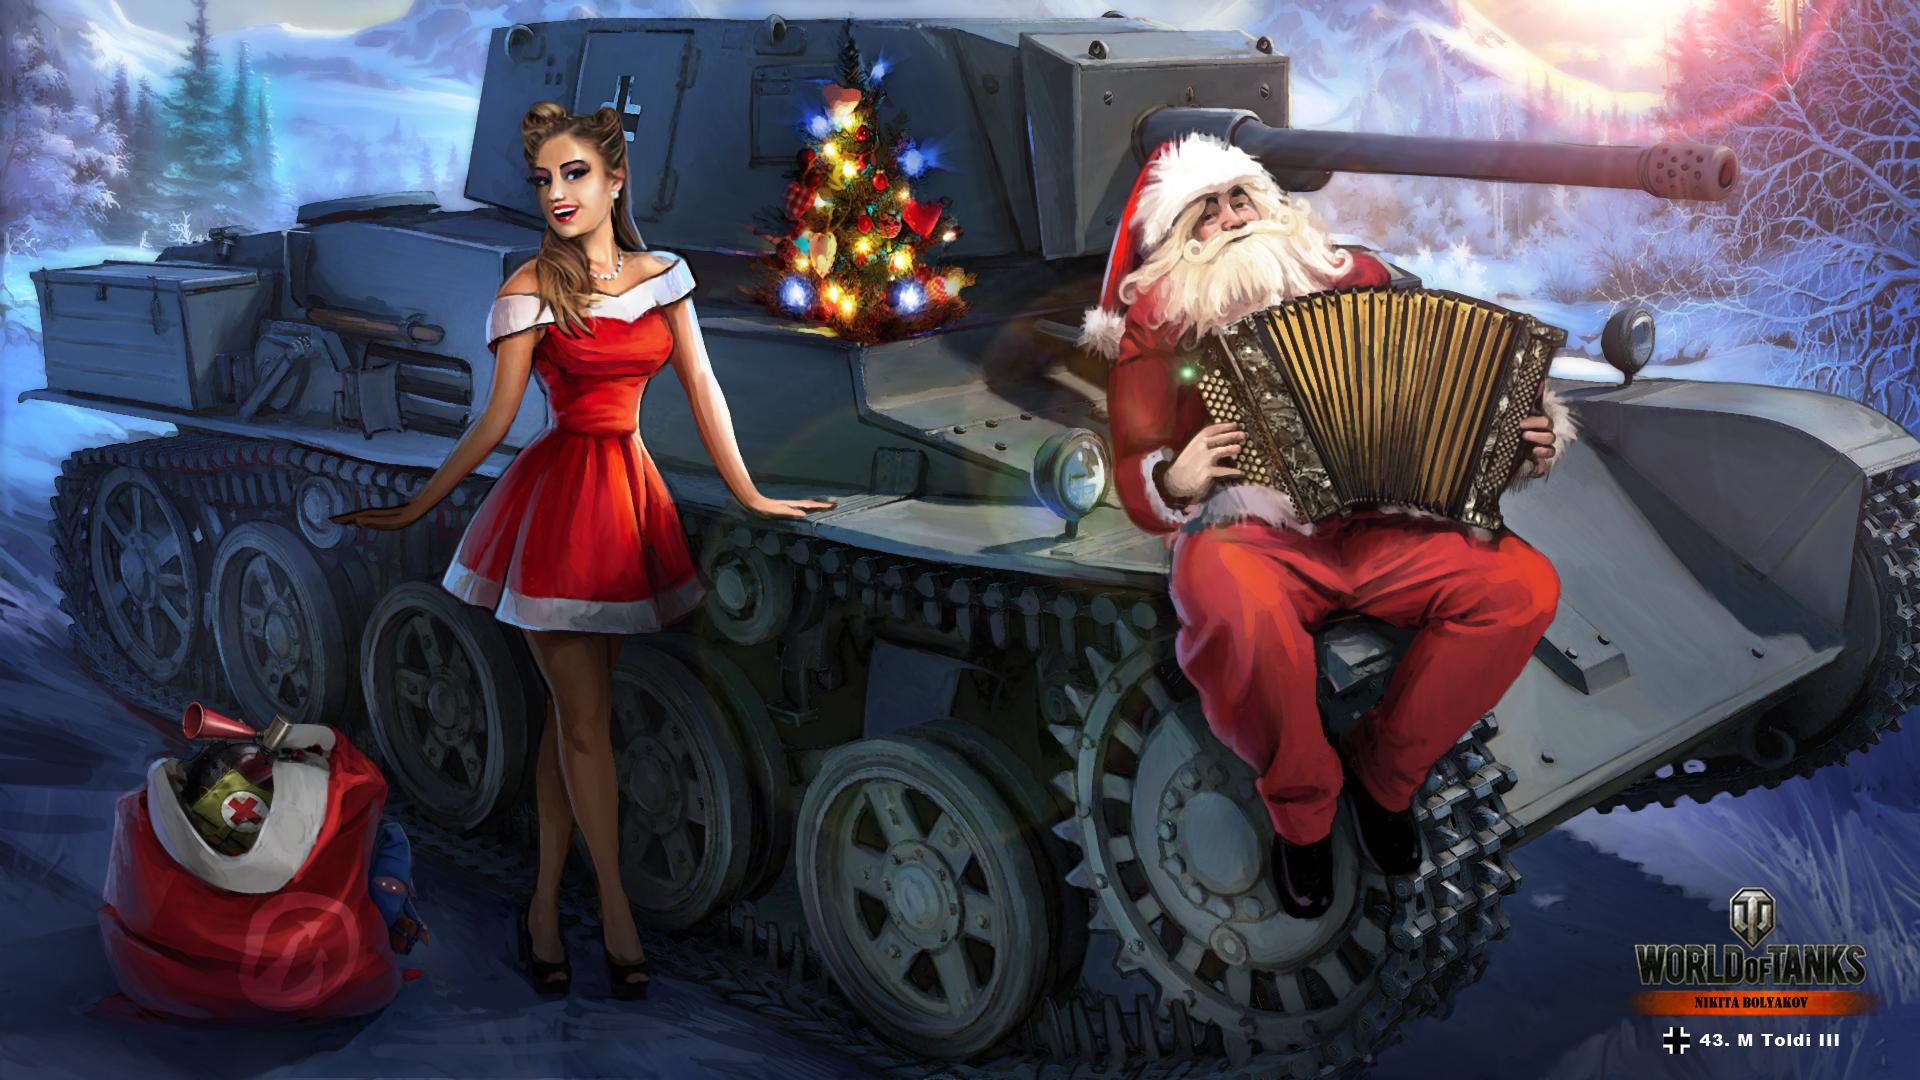 Картинки WOT Nikita Bolyakov танк Новый год 43 m. Toldi III Девушки Санта-Клаус Игры 1920x1080 World of Tanks Танки Рождество девушка Дед Мороз молодая женщина молодые женщины компьютерная игра